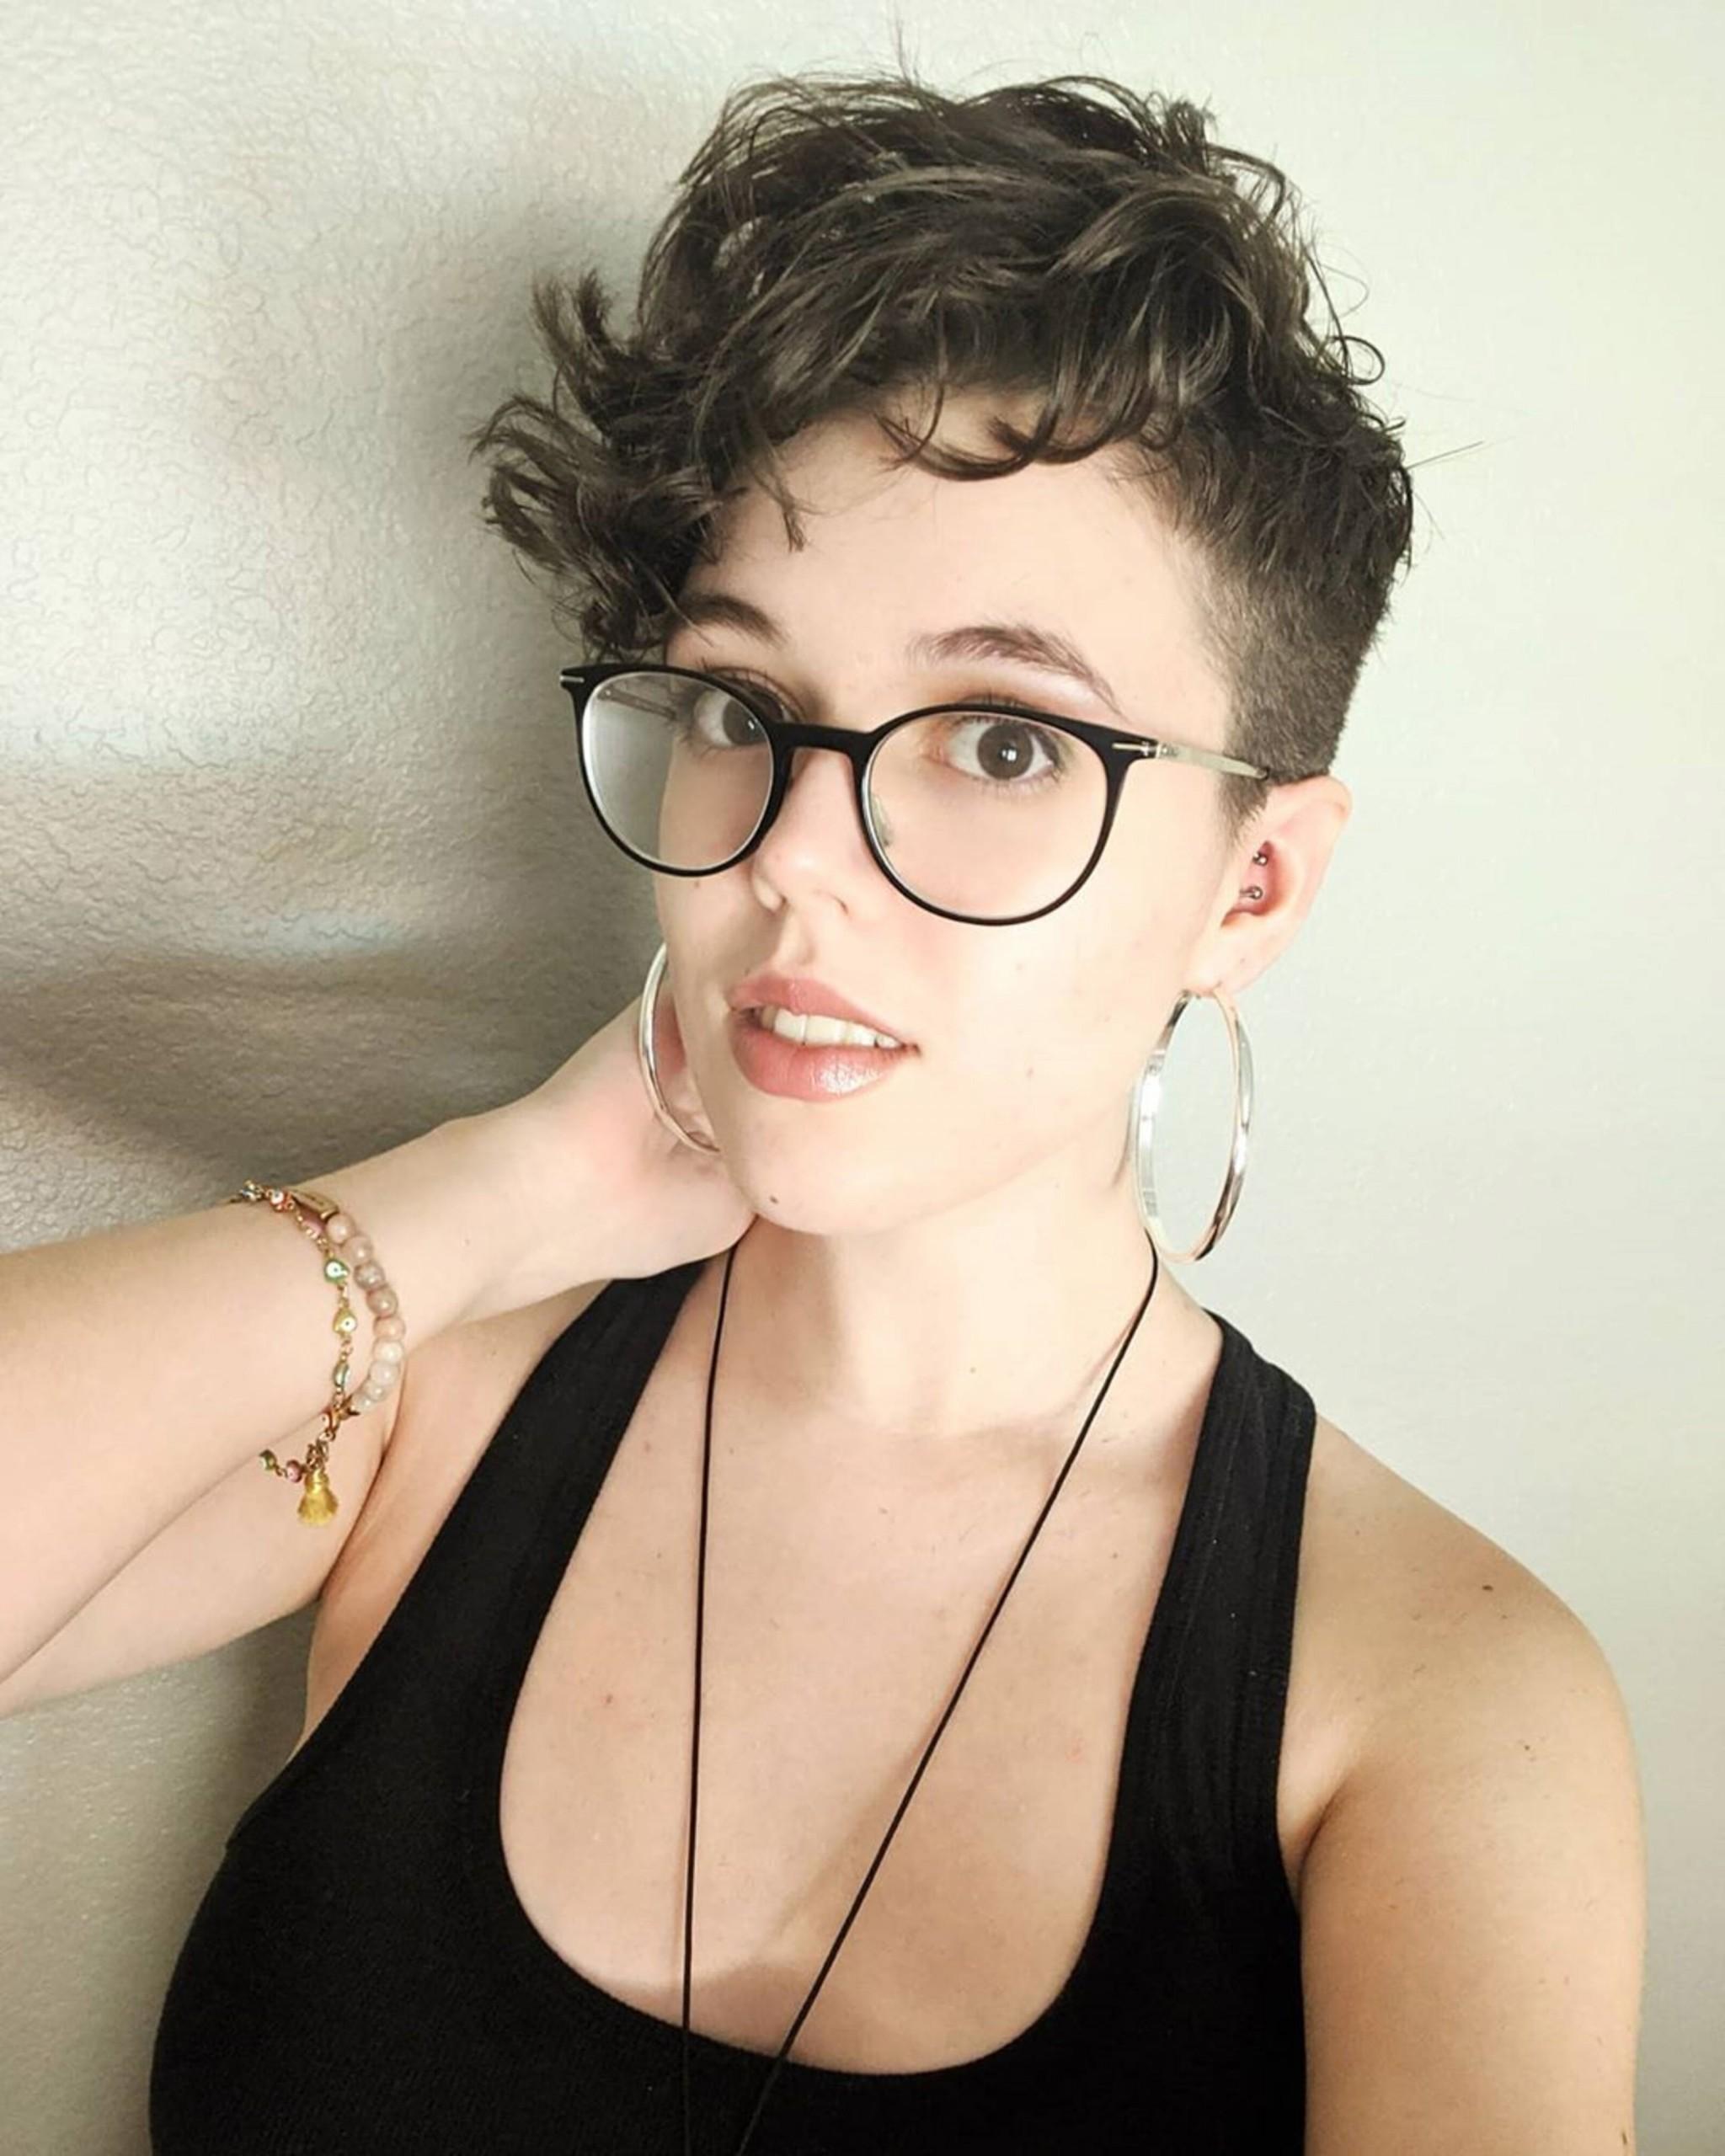 A pixie haircut for short wavy hair.